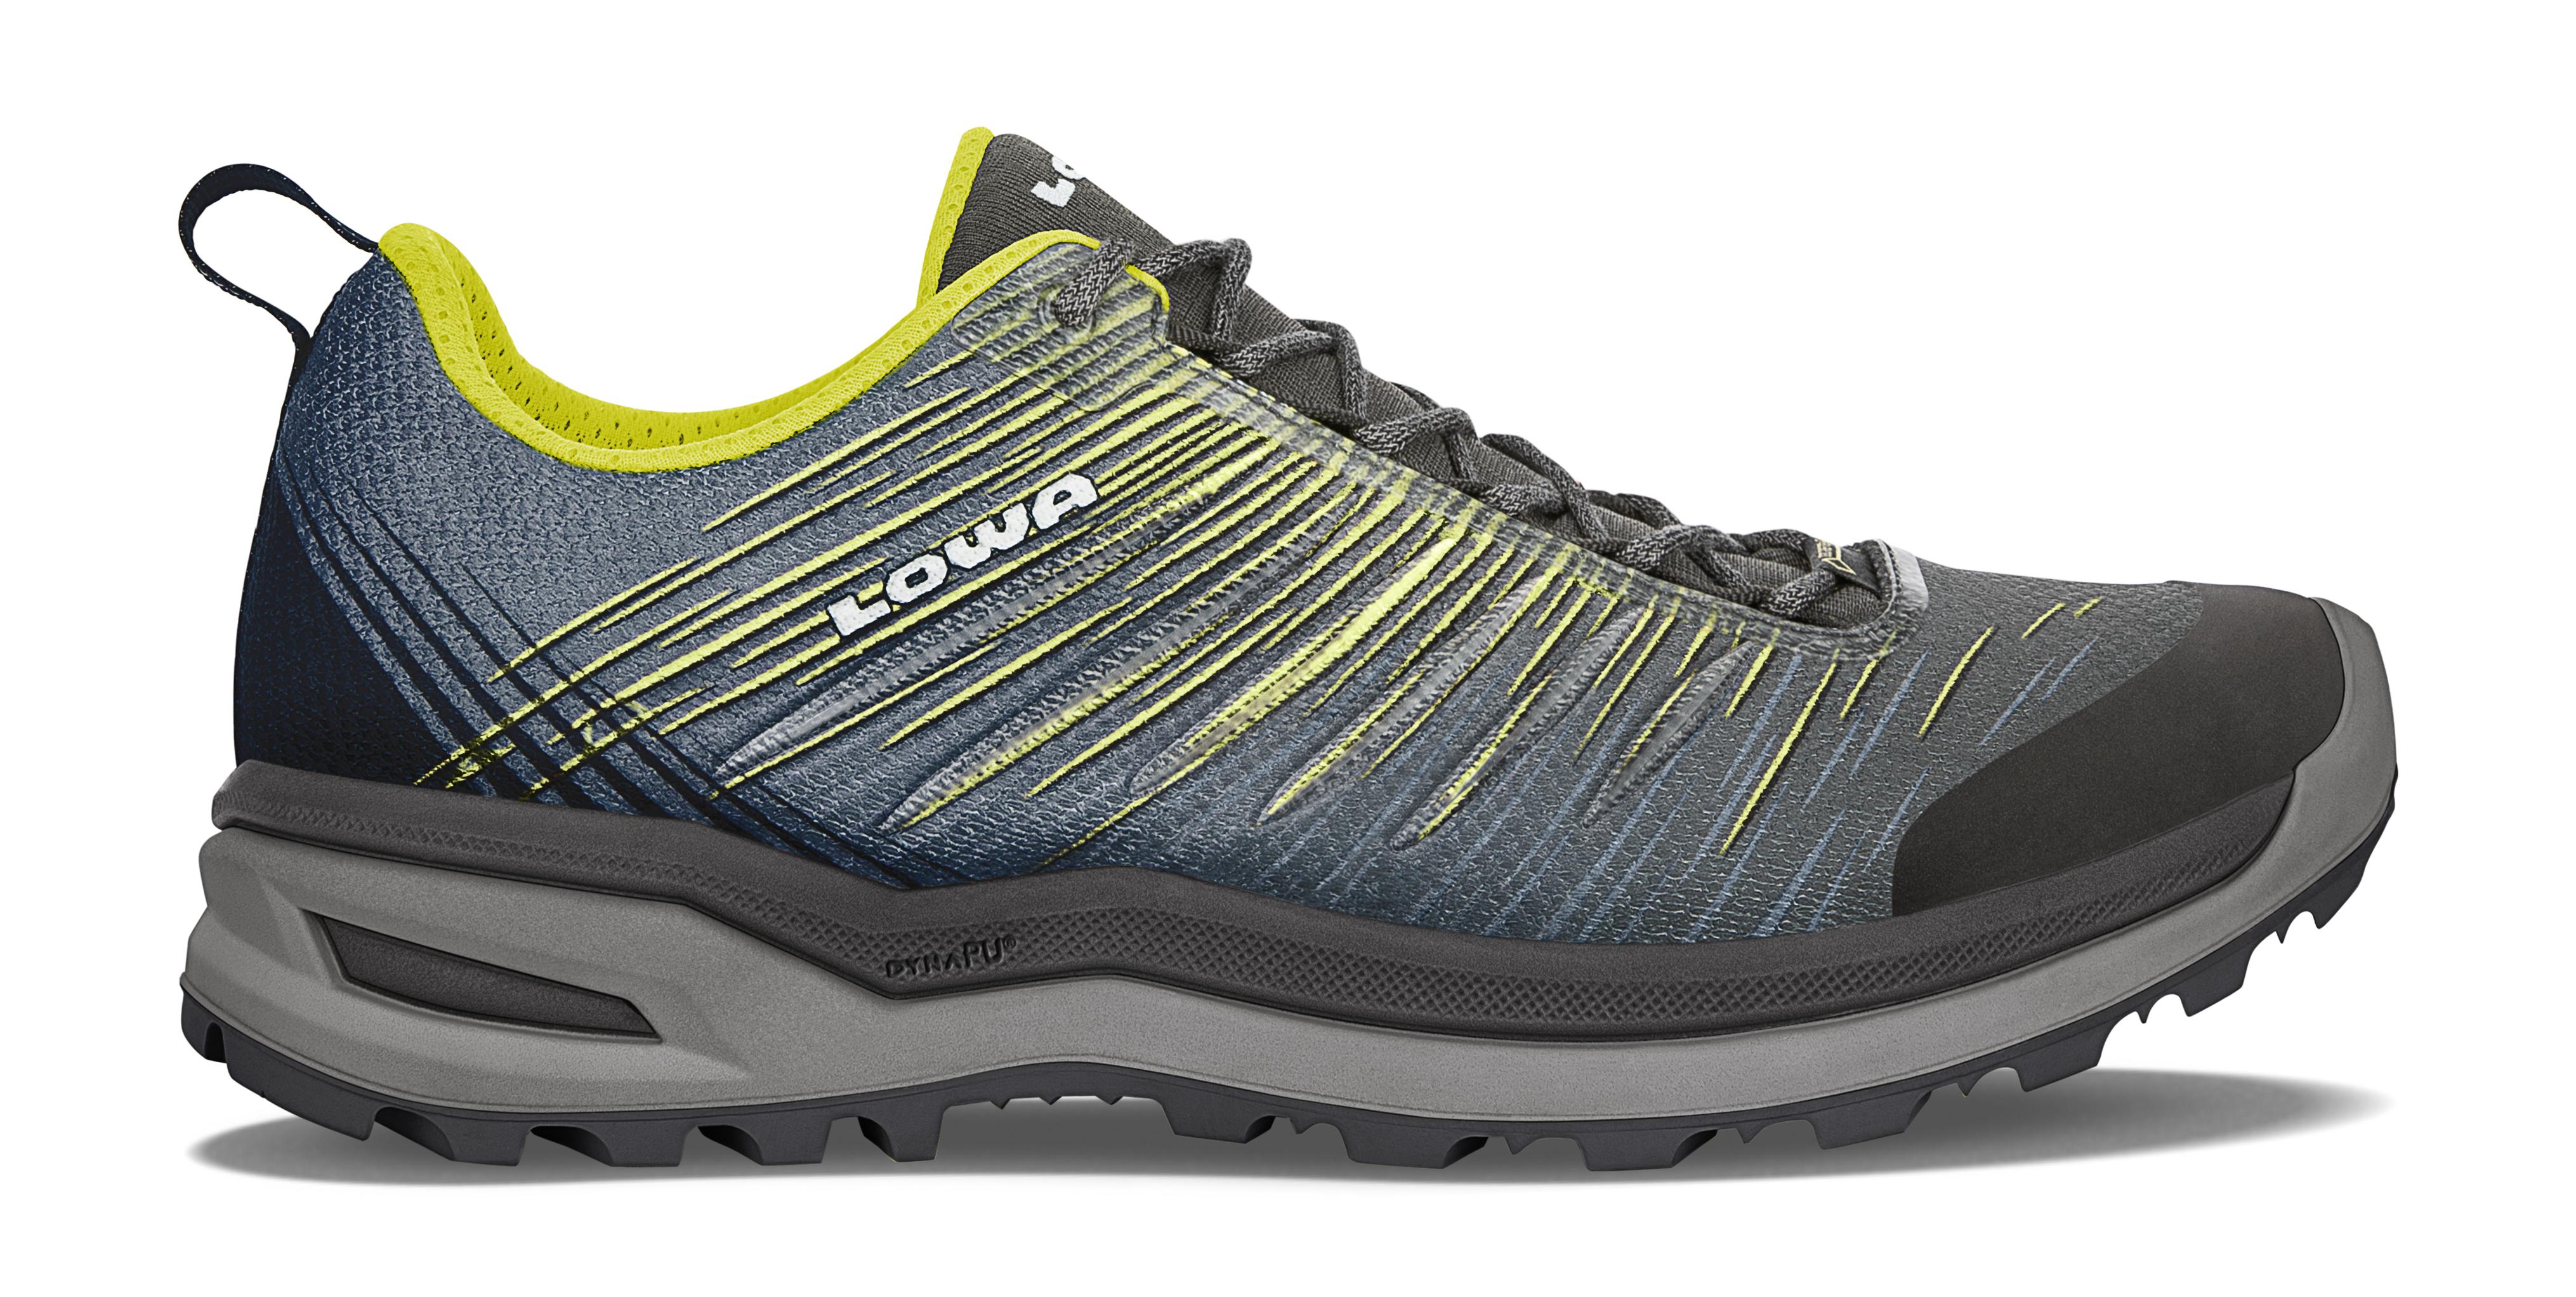 09541e0f52 Lowa Lynnox GTX Lo Hiking Boots - Mens